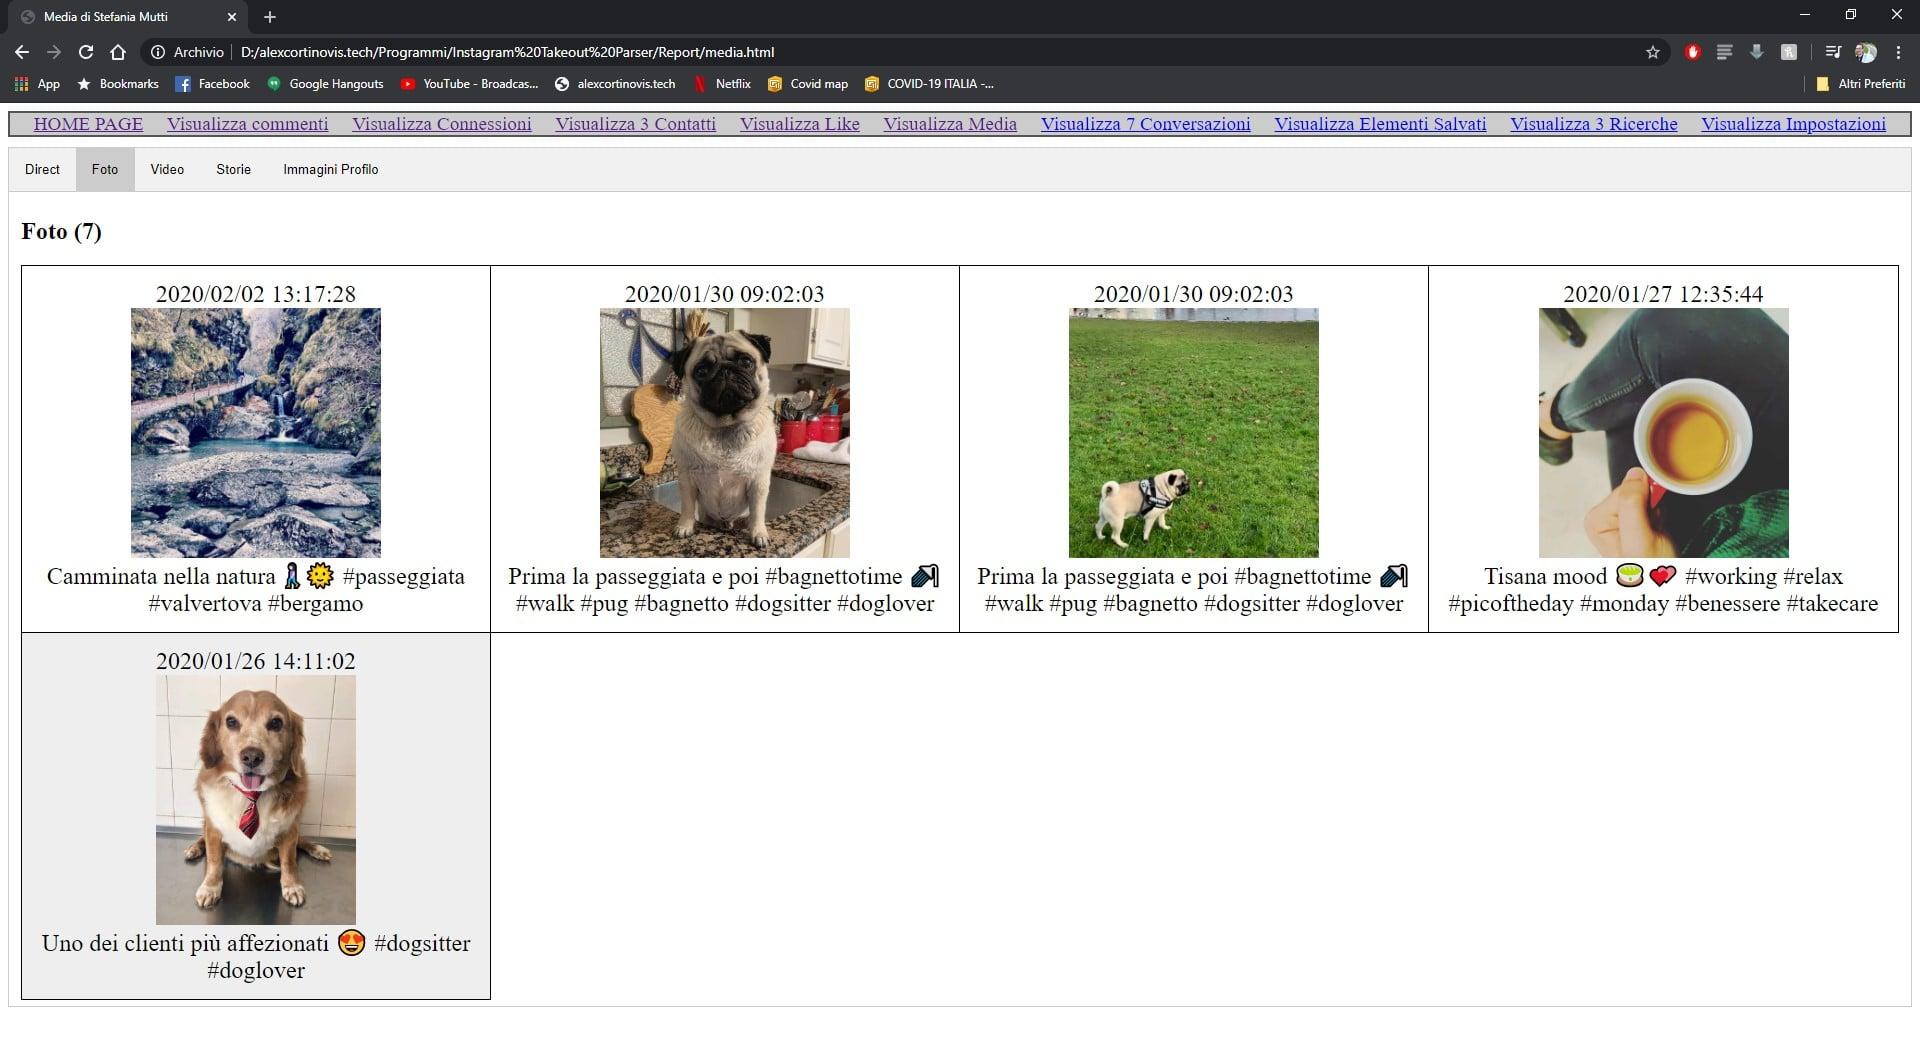 visualizzazione dei post pubblicati di tipo immagine